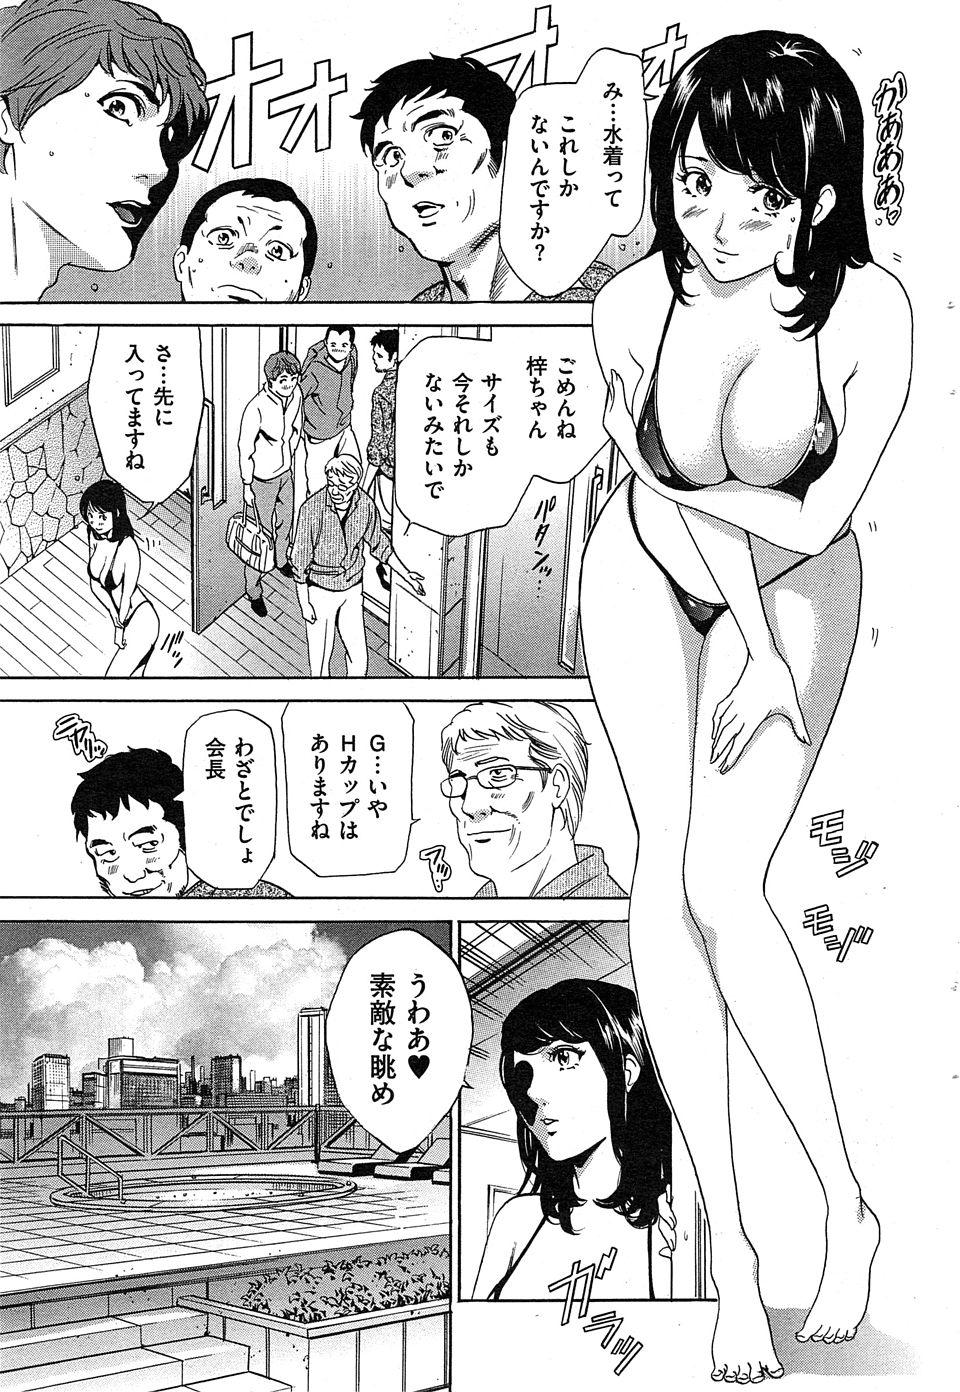 【エロ漫画・エロ同人誌】巨乳OLがジョギングの走友会仲間と乱交エッチしてるwww (7)